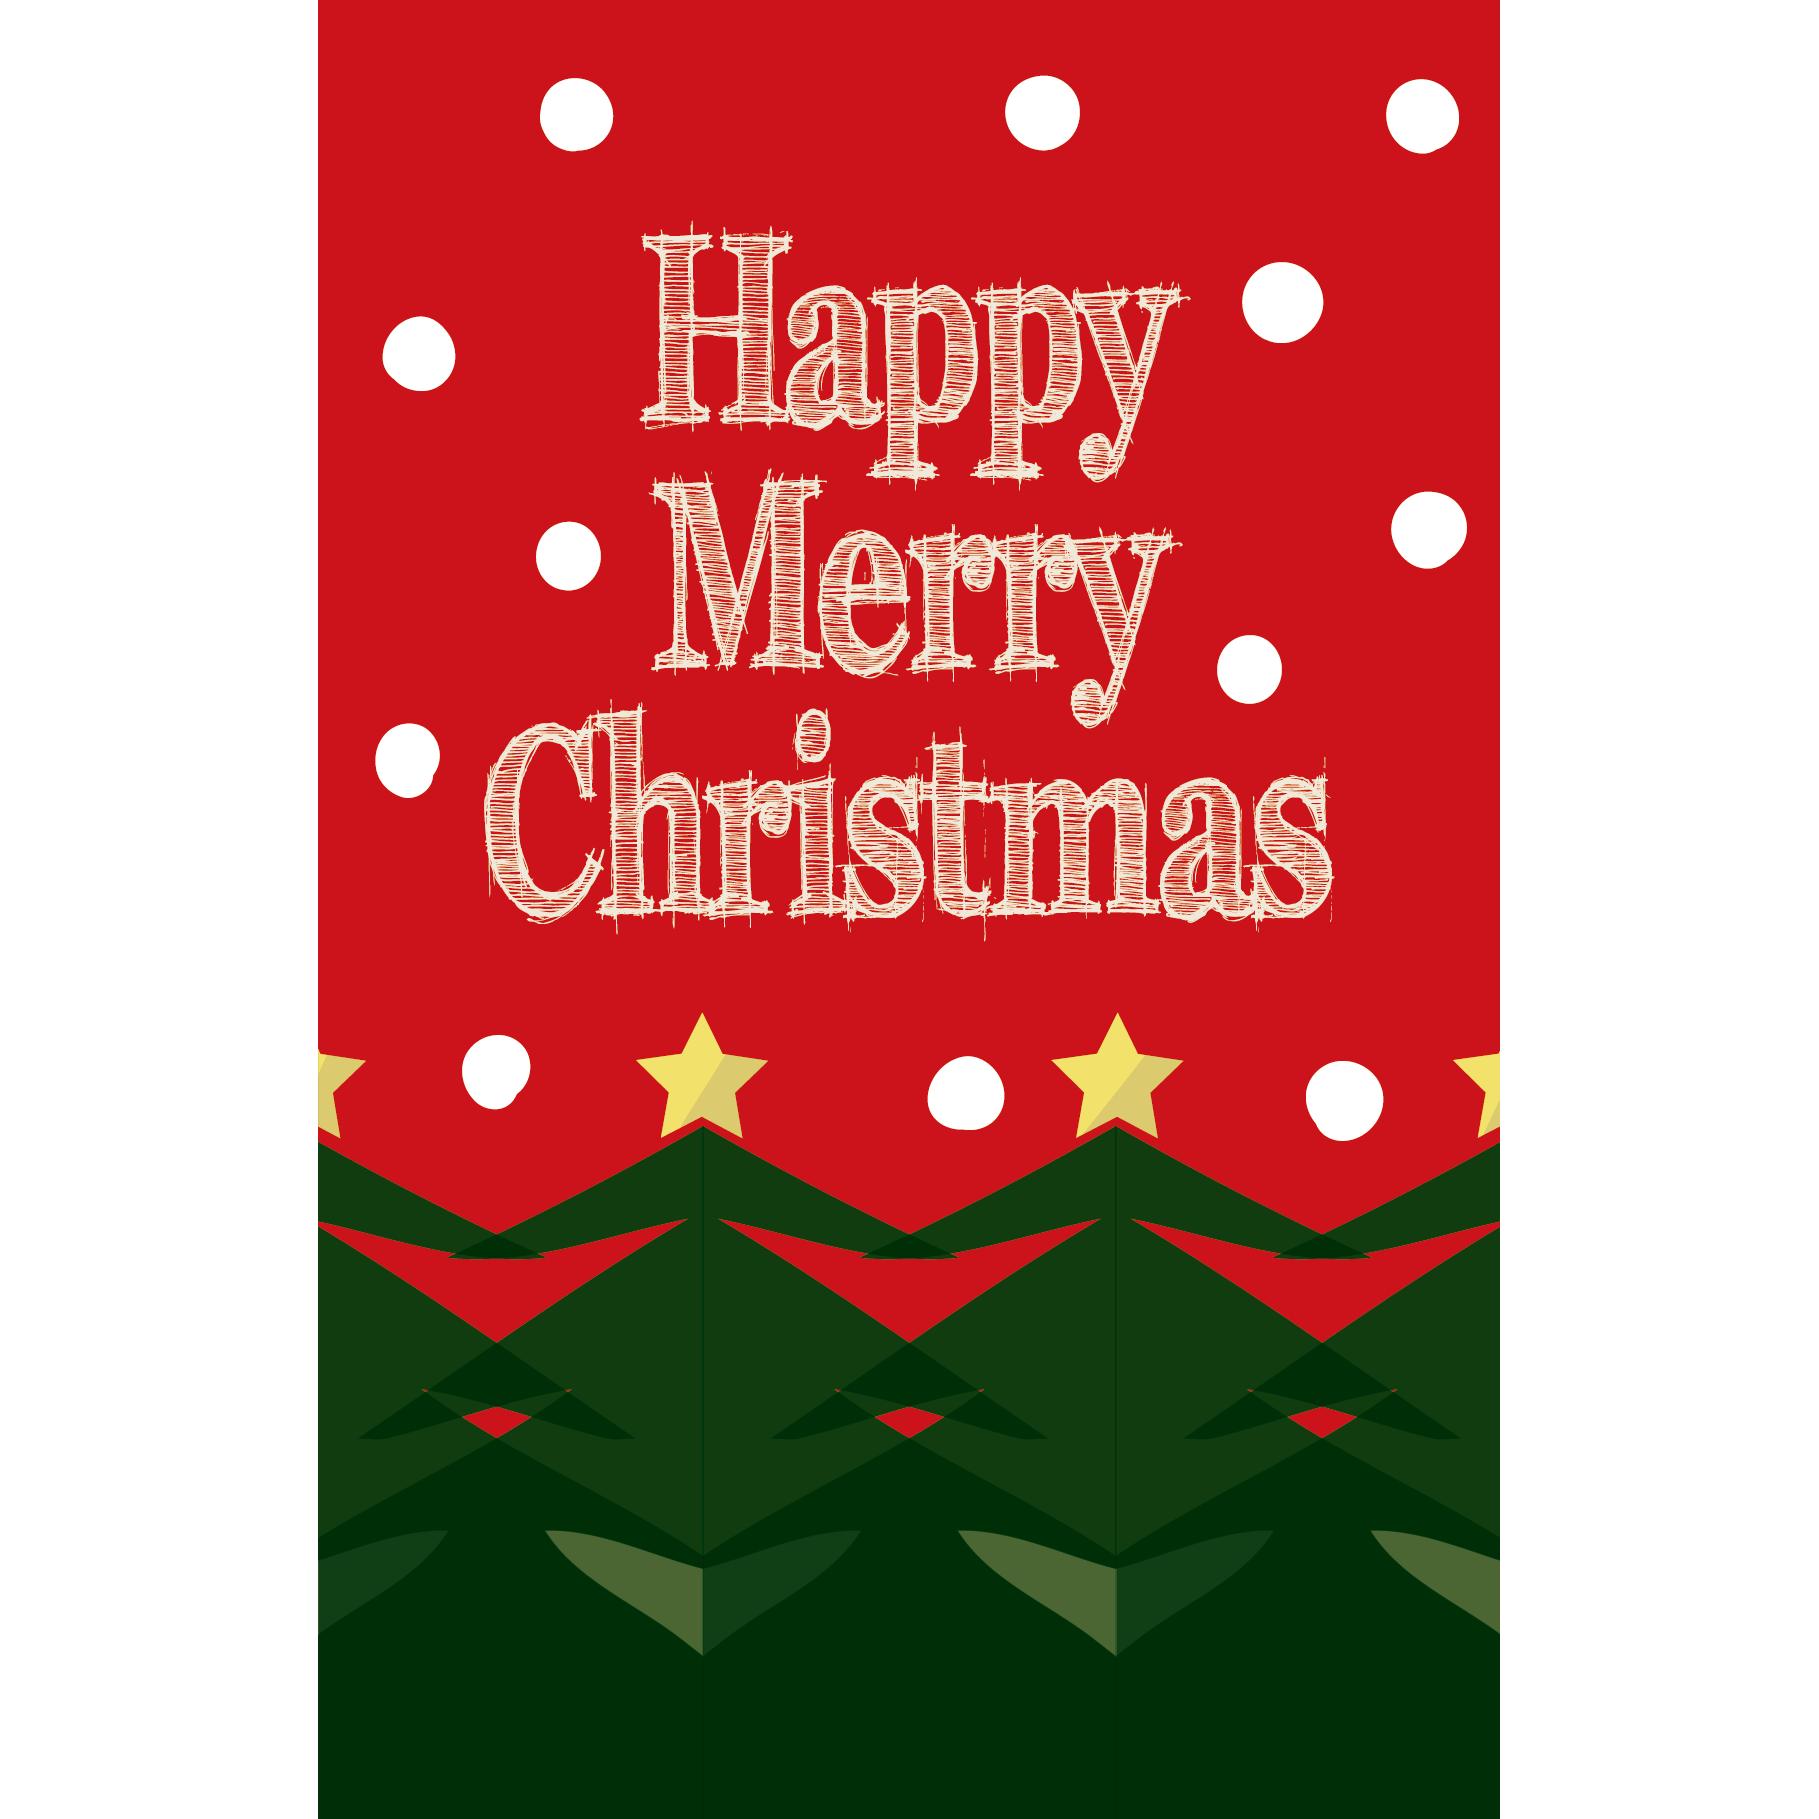 おしゃれなクリスマスカードのテンプレートイラスト!【グリーティング